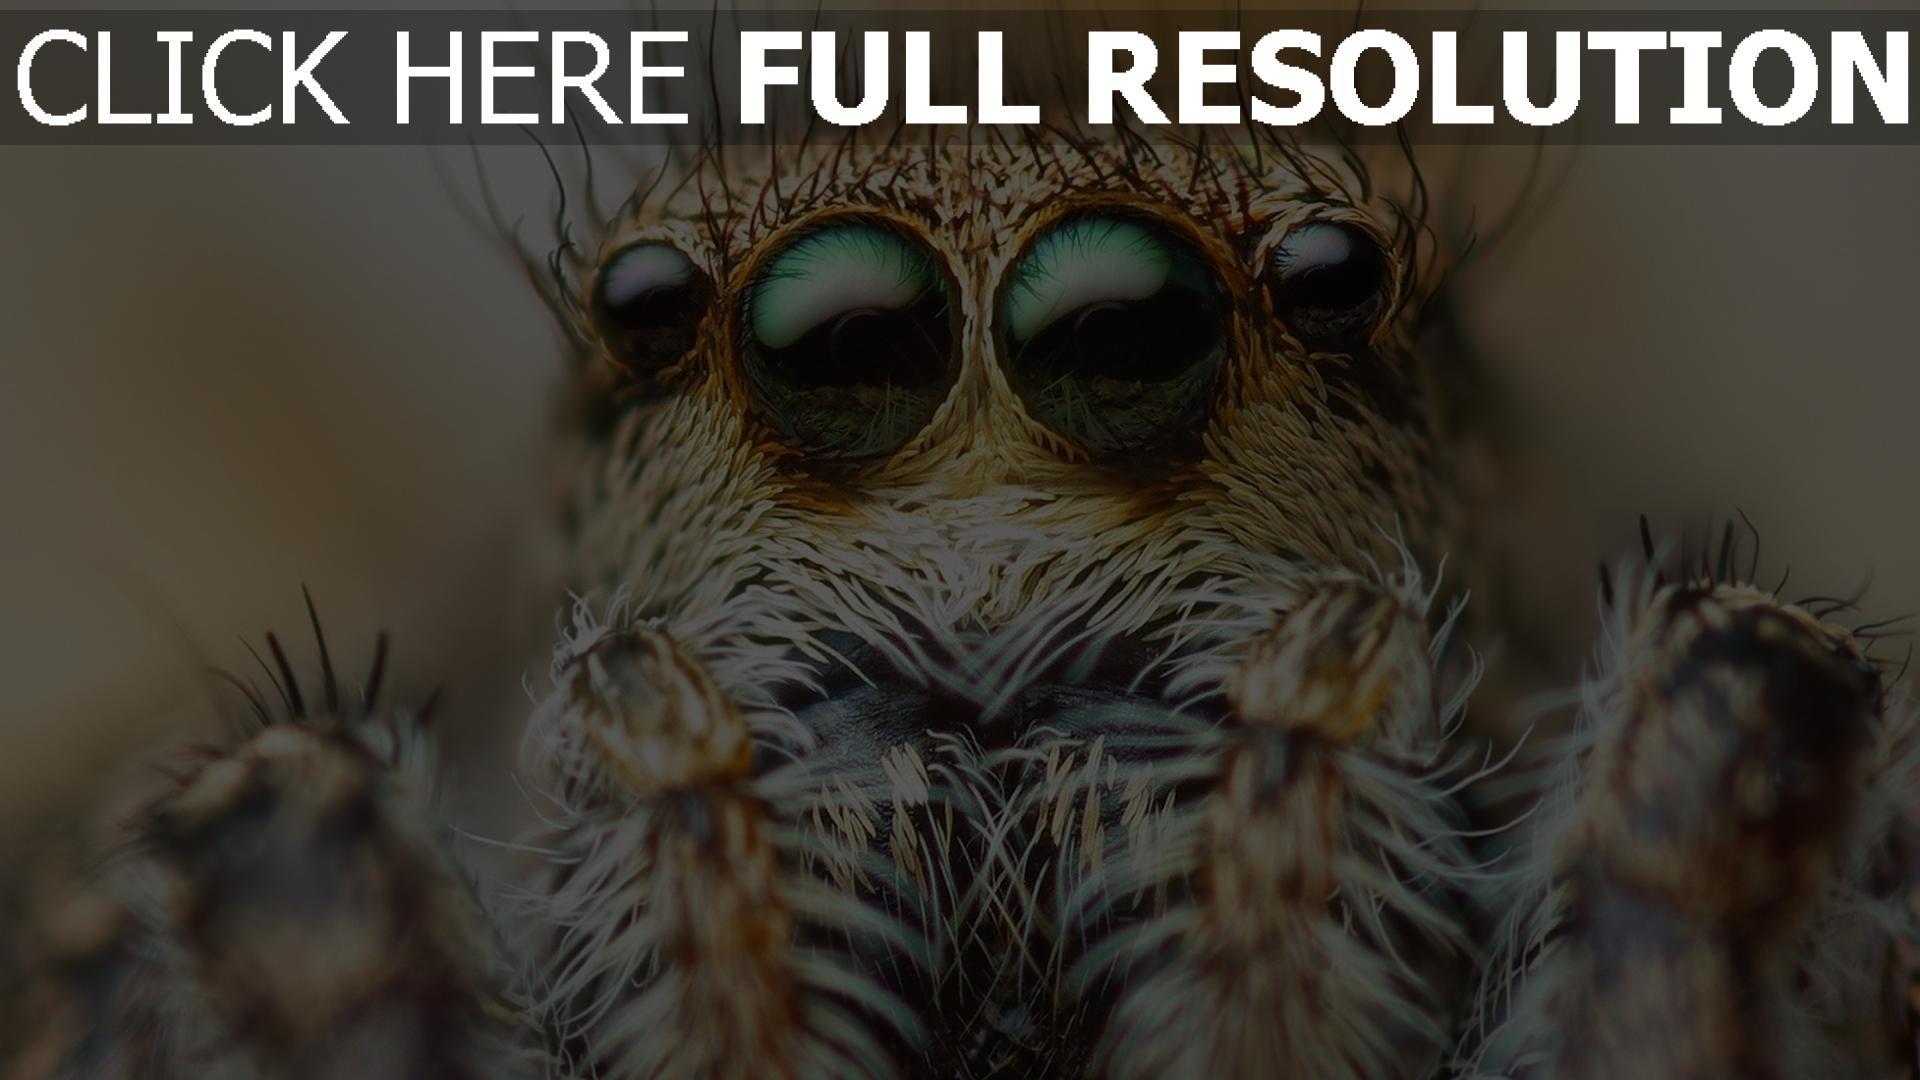 fond d'écran 1920x1080 araignée yeux arrière-plan flou